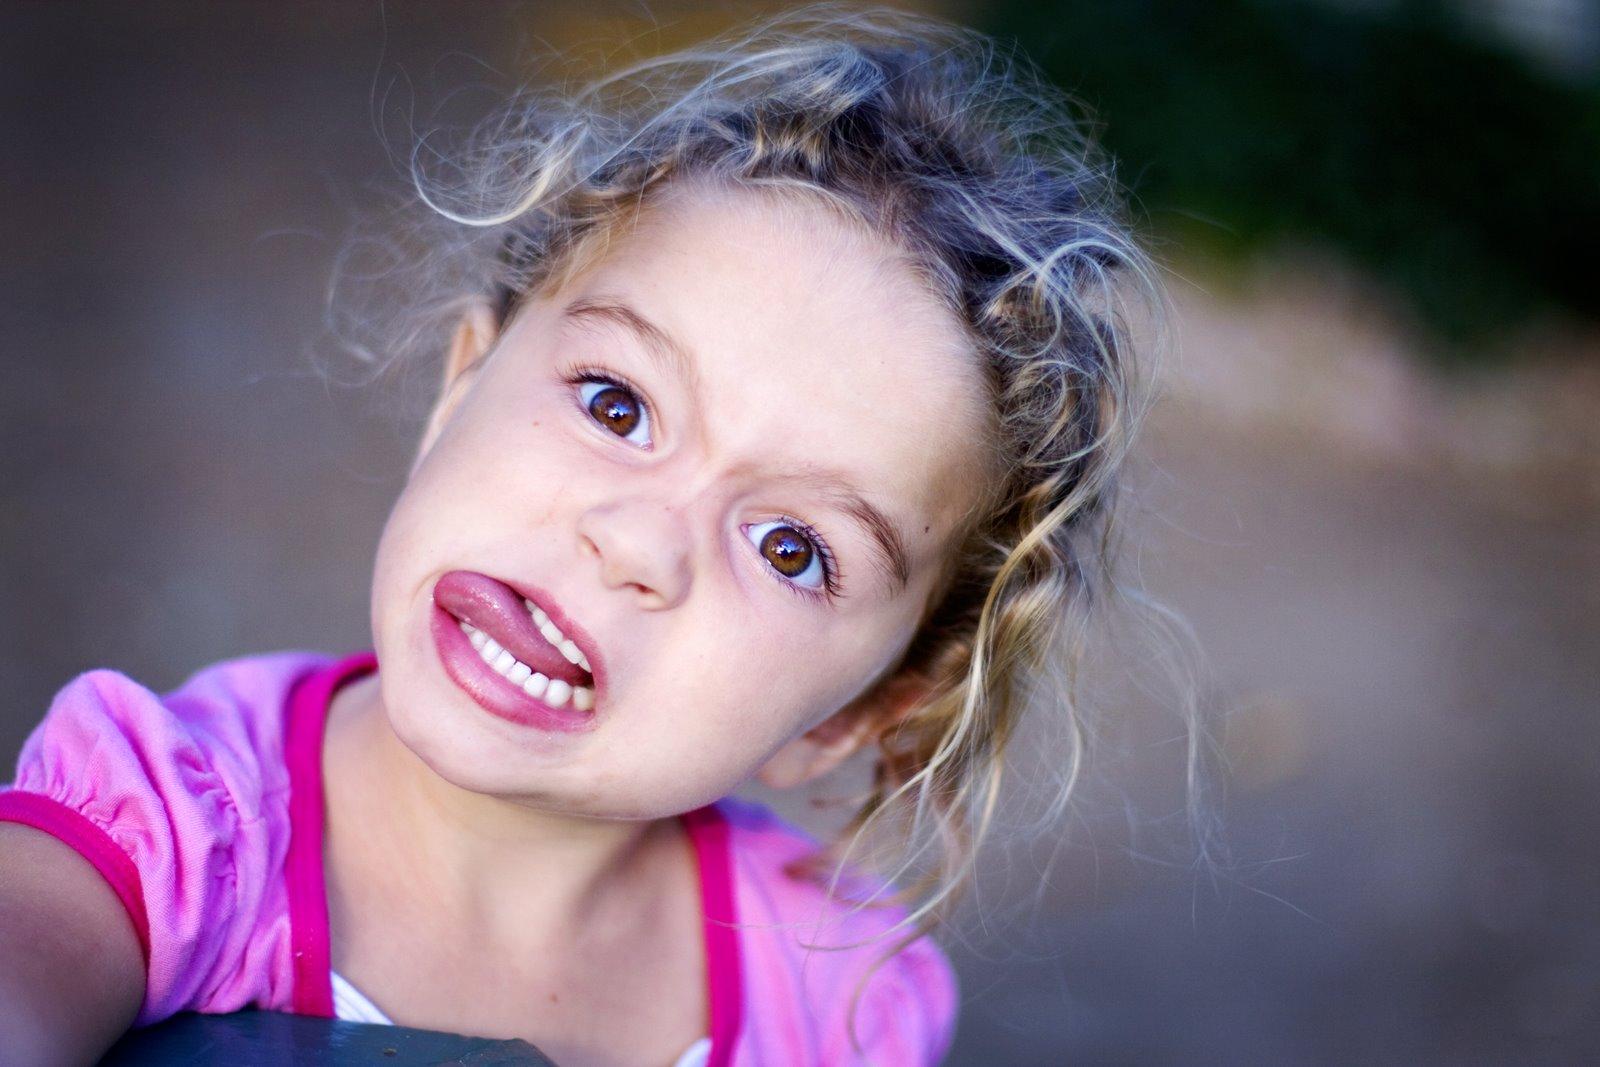 Foto Gambar Anak Kecil Senang Bahagia Tersenyum